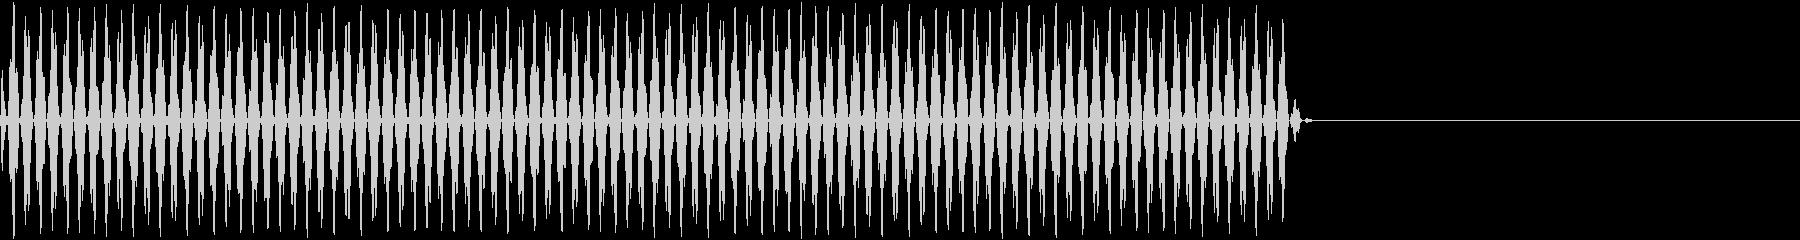 リールの回転音(映写機)3の未再生の波形